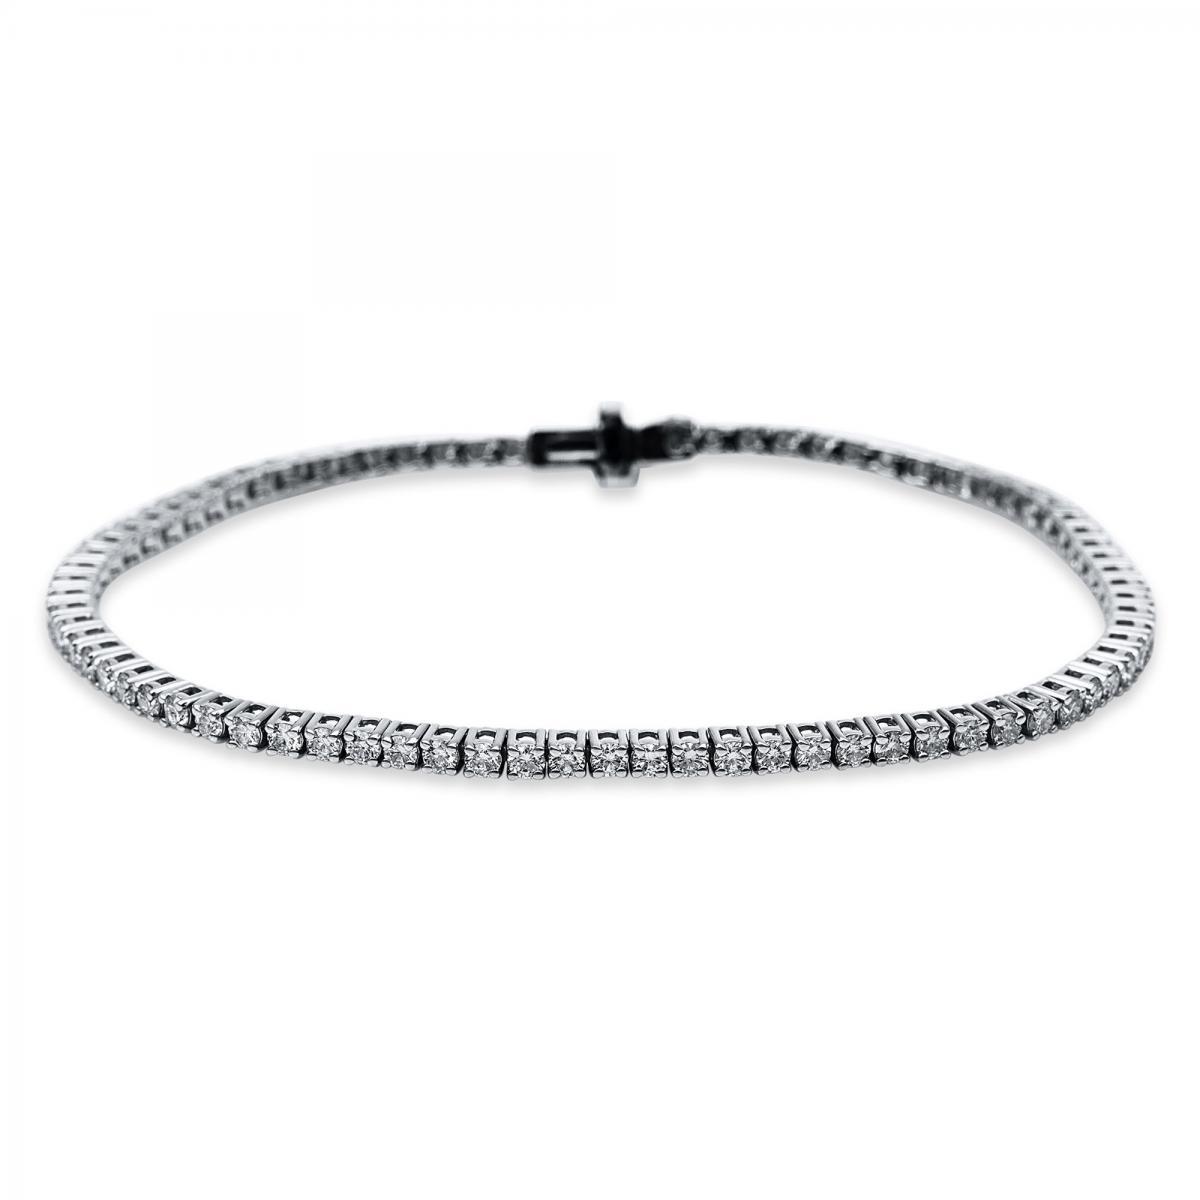 Armband 18 kt Weißgold mit 79 Brillanten 2,50 ct